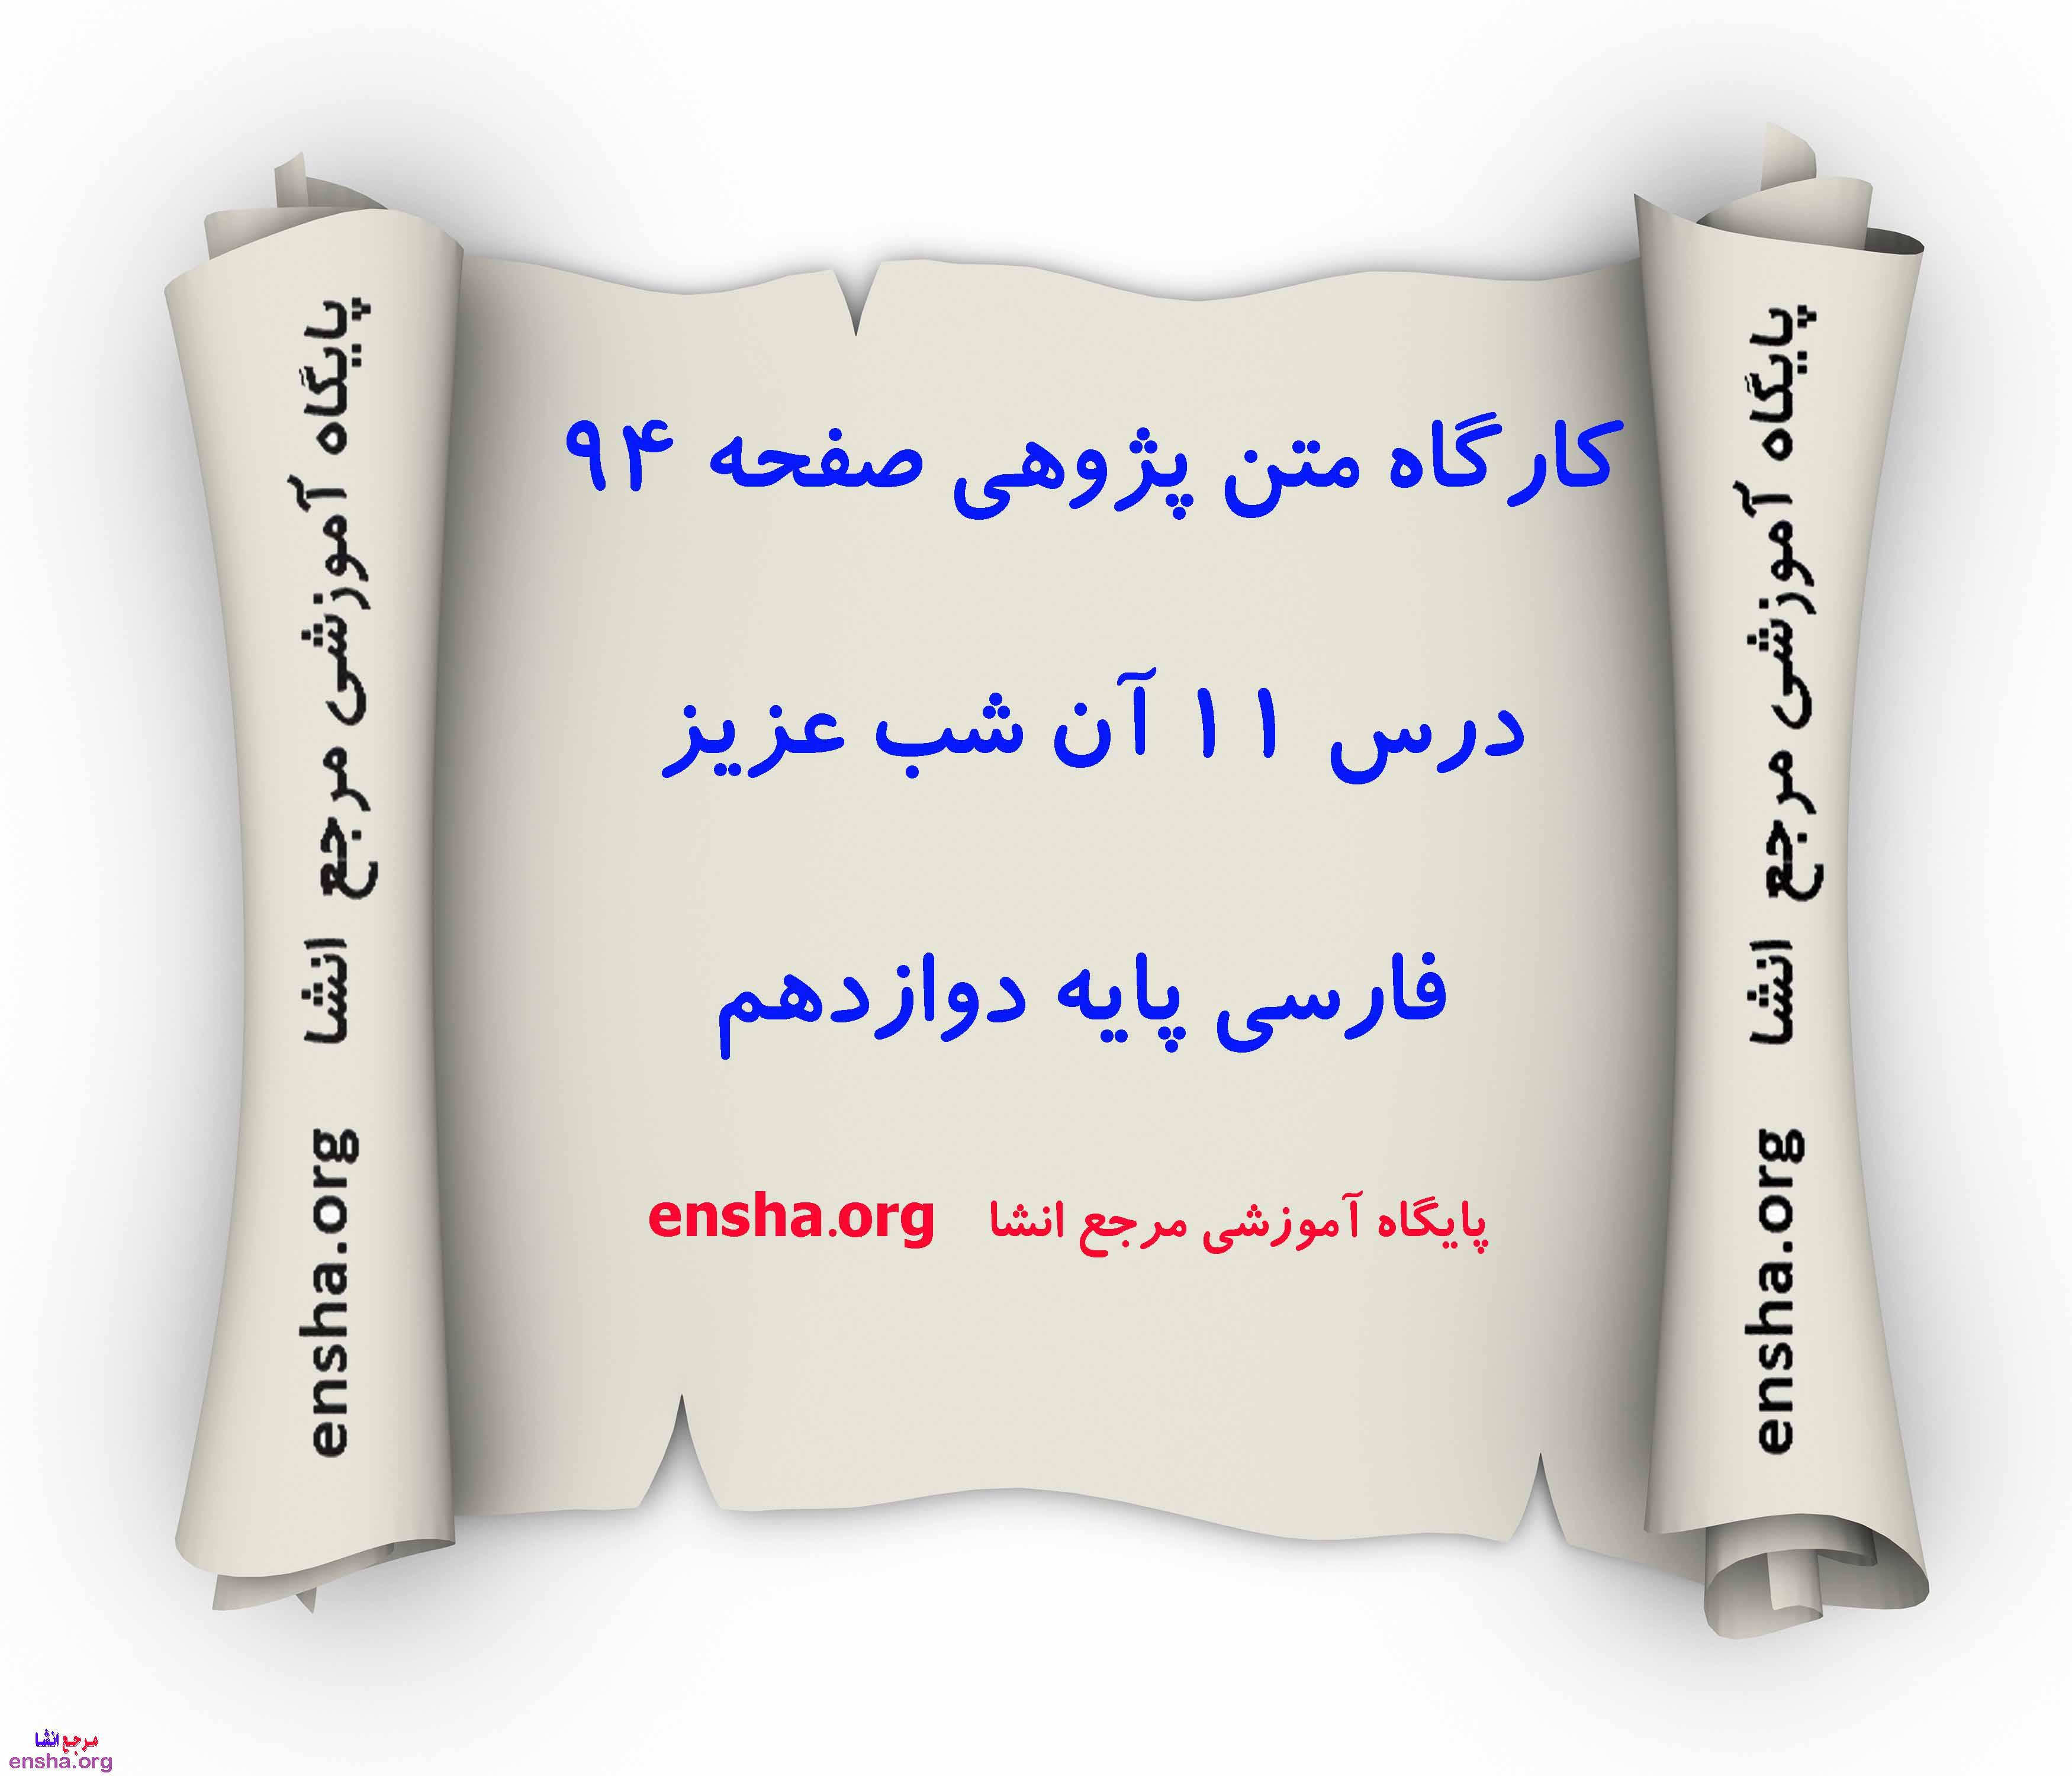 کارگاه متن پژوهی صفحه 94 فارسی پایه دوازدهم